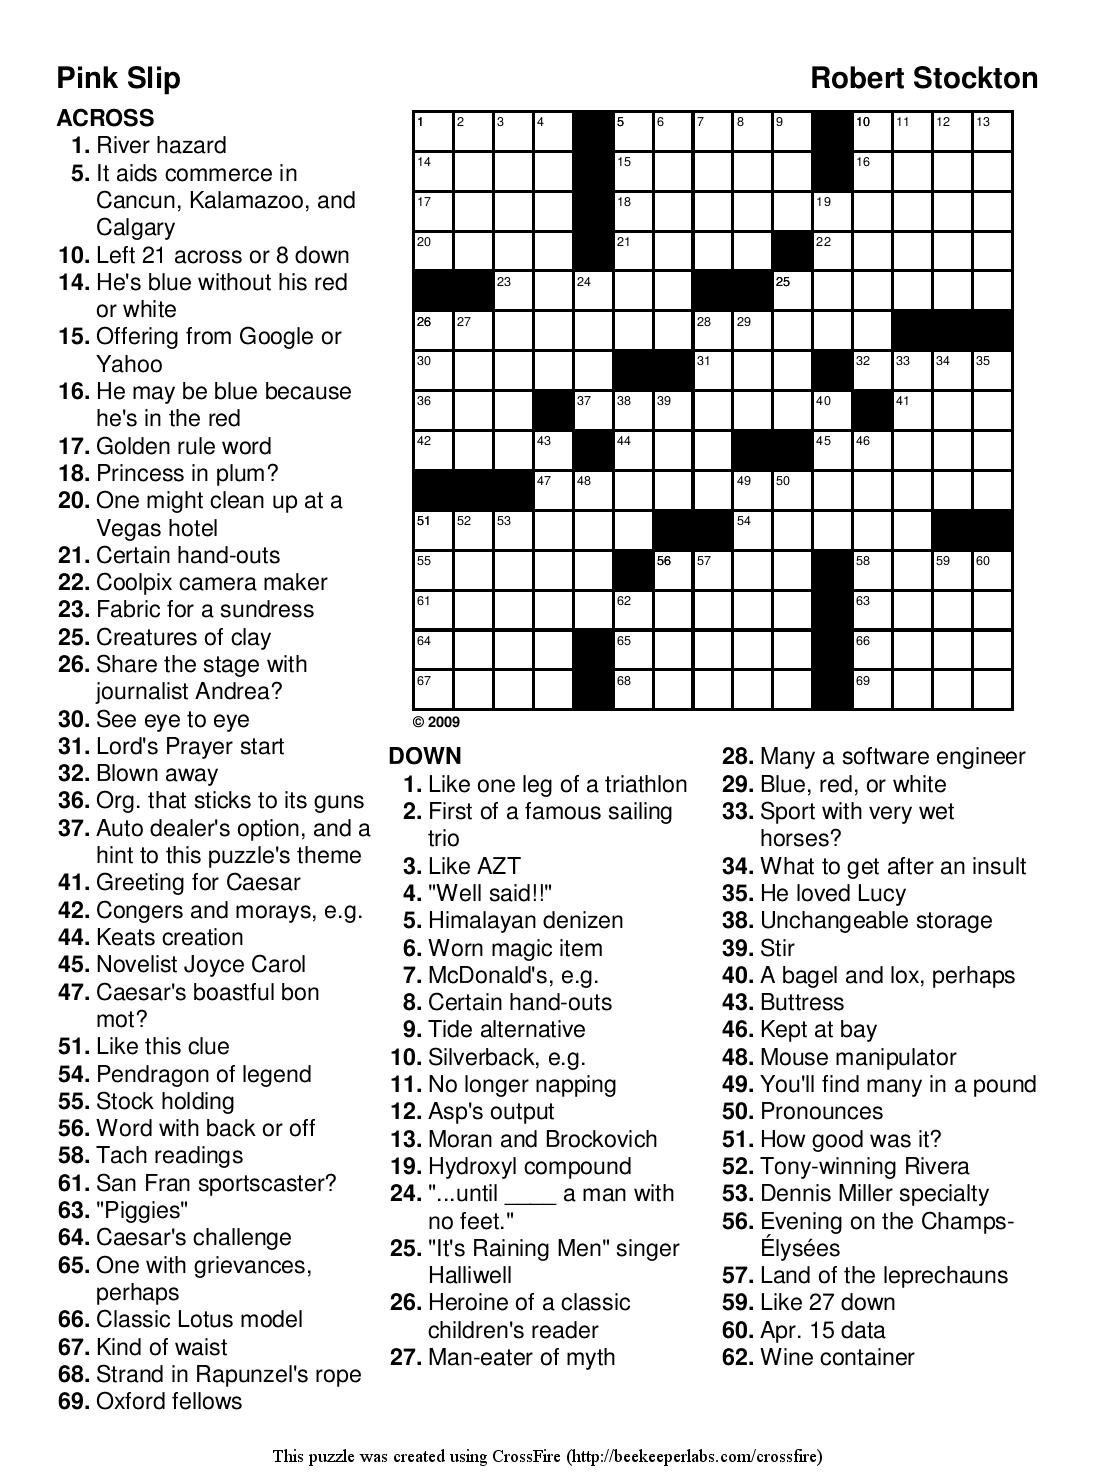 Easy Printable Crossword Puzzels - Infocap Ltd. - Printable Esl Crossword Puzzles